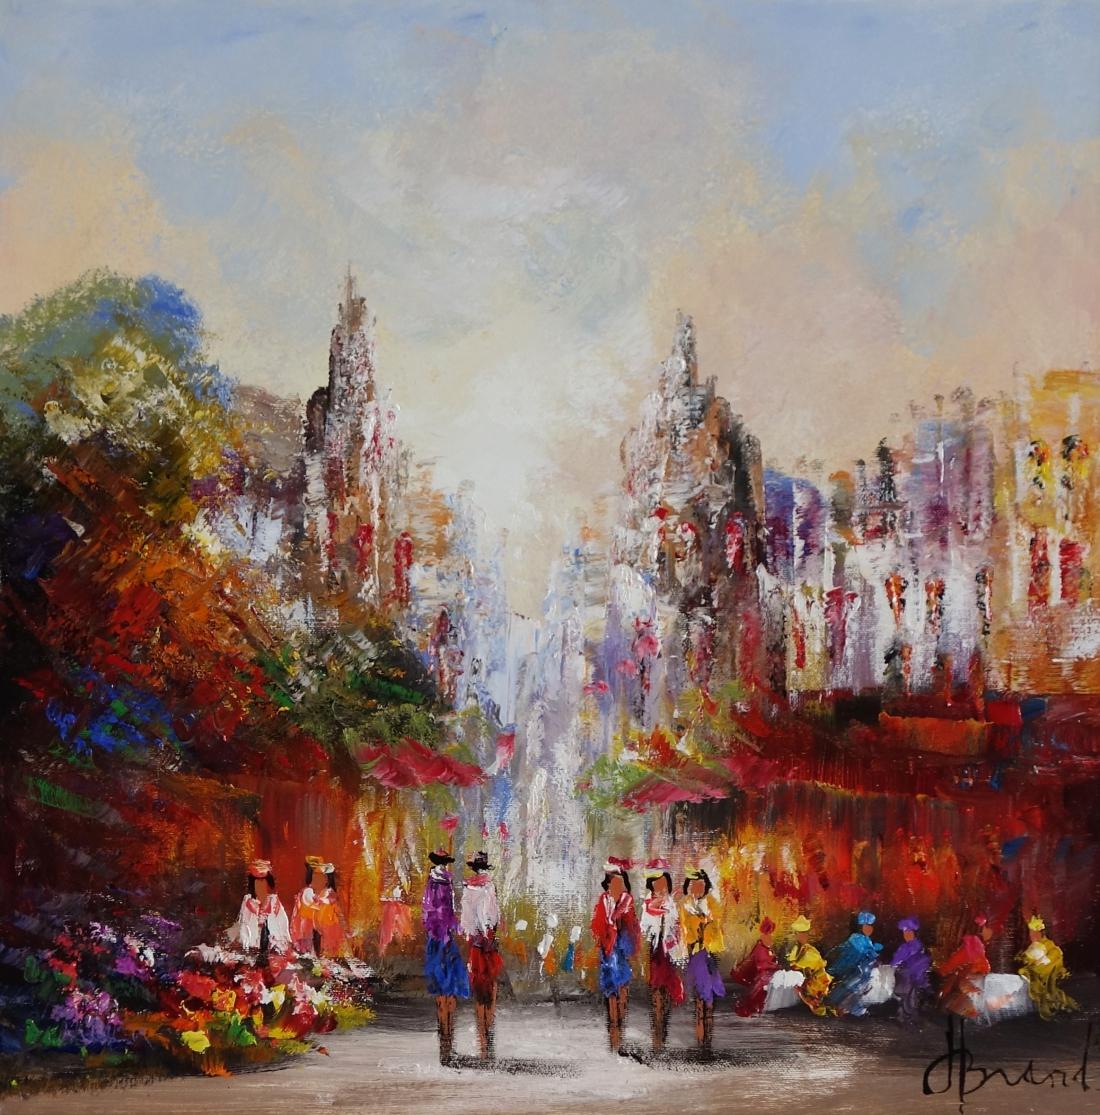 Schilderij marktplein met mensen 50x50